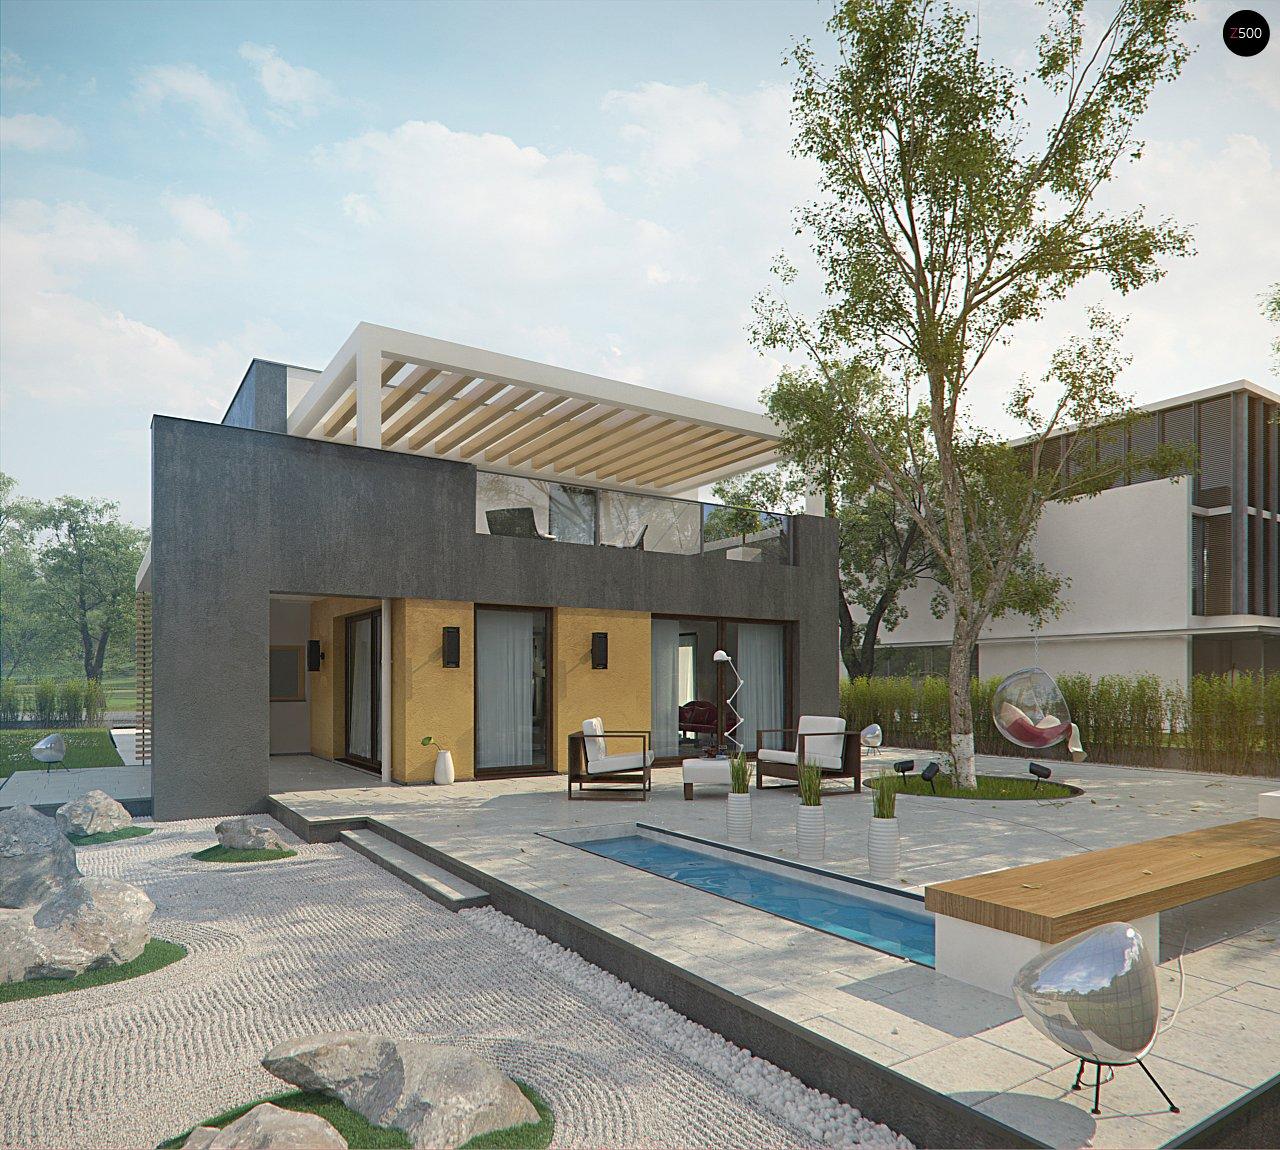 Дом характерного современного дизайна с гаражом и кабинетом на первом этаже. - фото 4